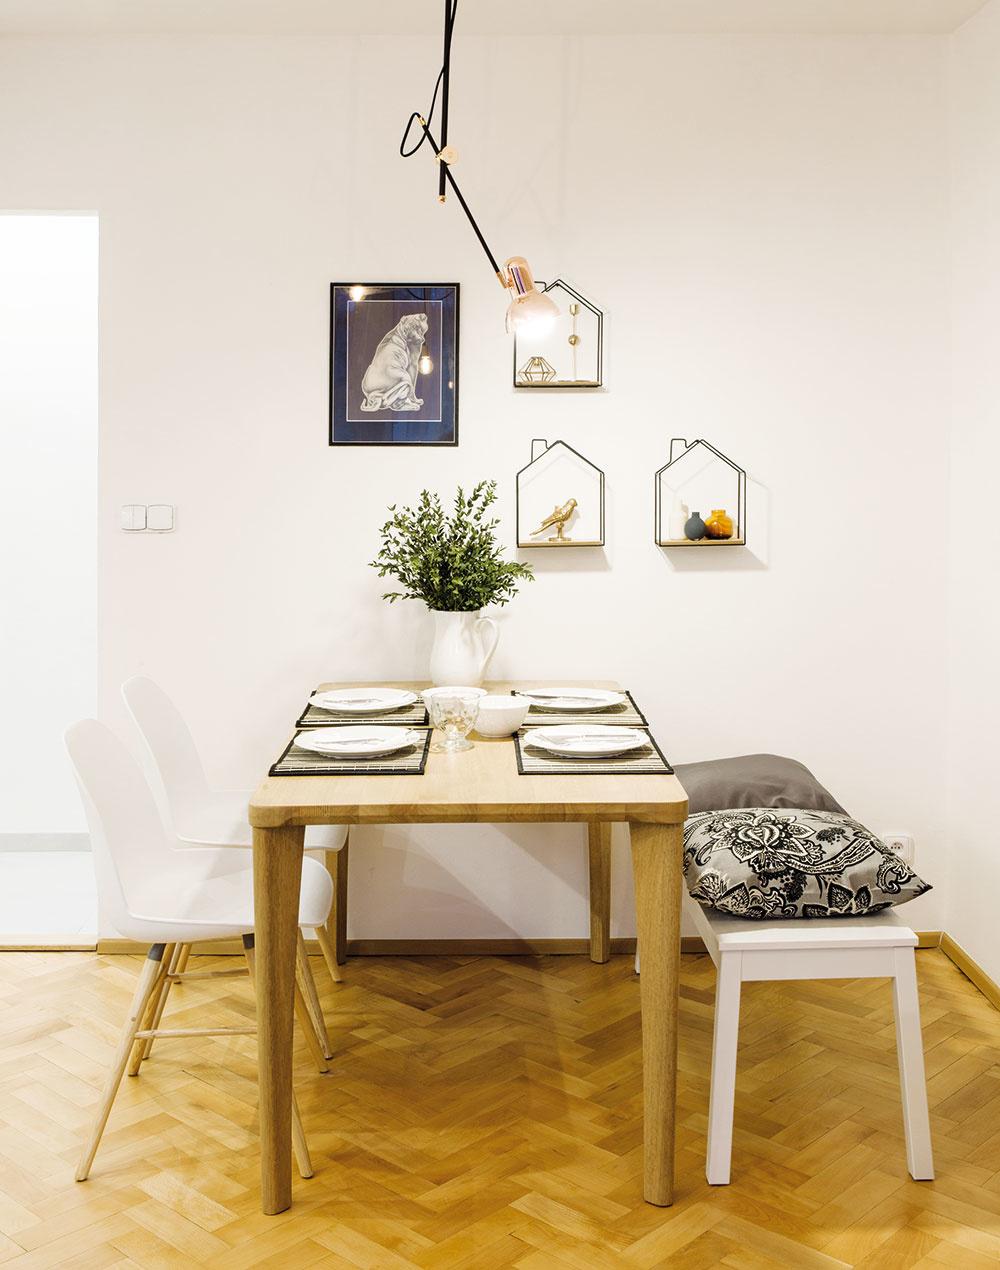 Jedálenský stôl funguje zároveň aj ako pracovný. Tu vznikajú Janine originálne kresby. Do budúcna by umelkyňa privítala pracovný kútik mimo jedálenskej časti, ktorý by využívala iba na svoje koníčky.